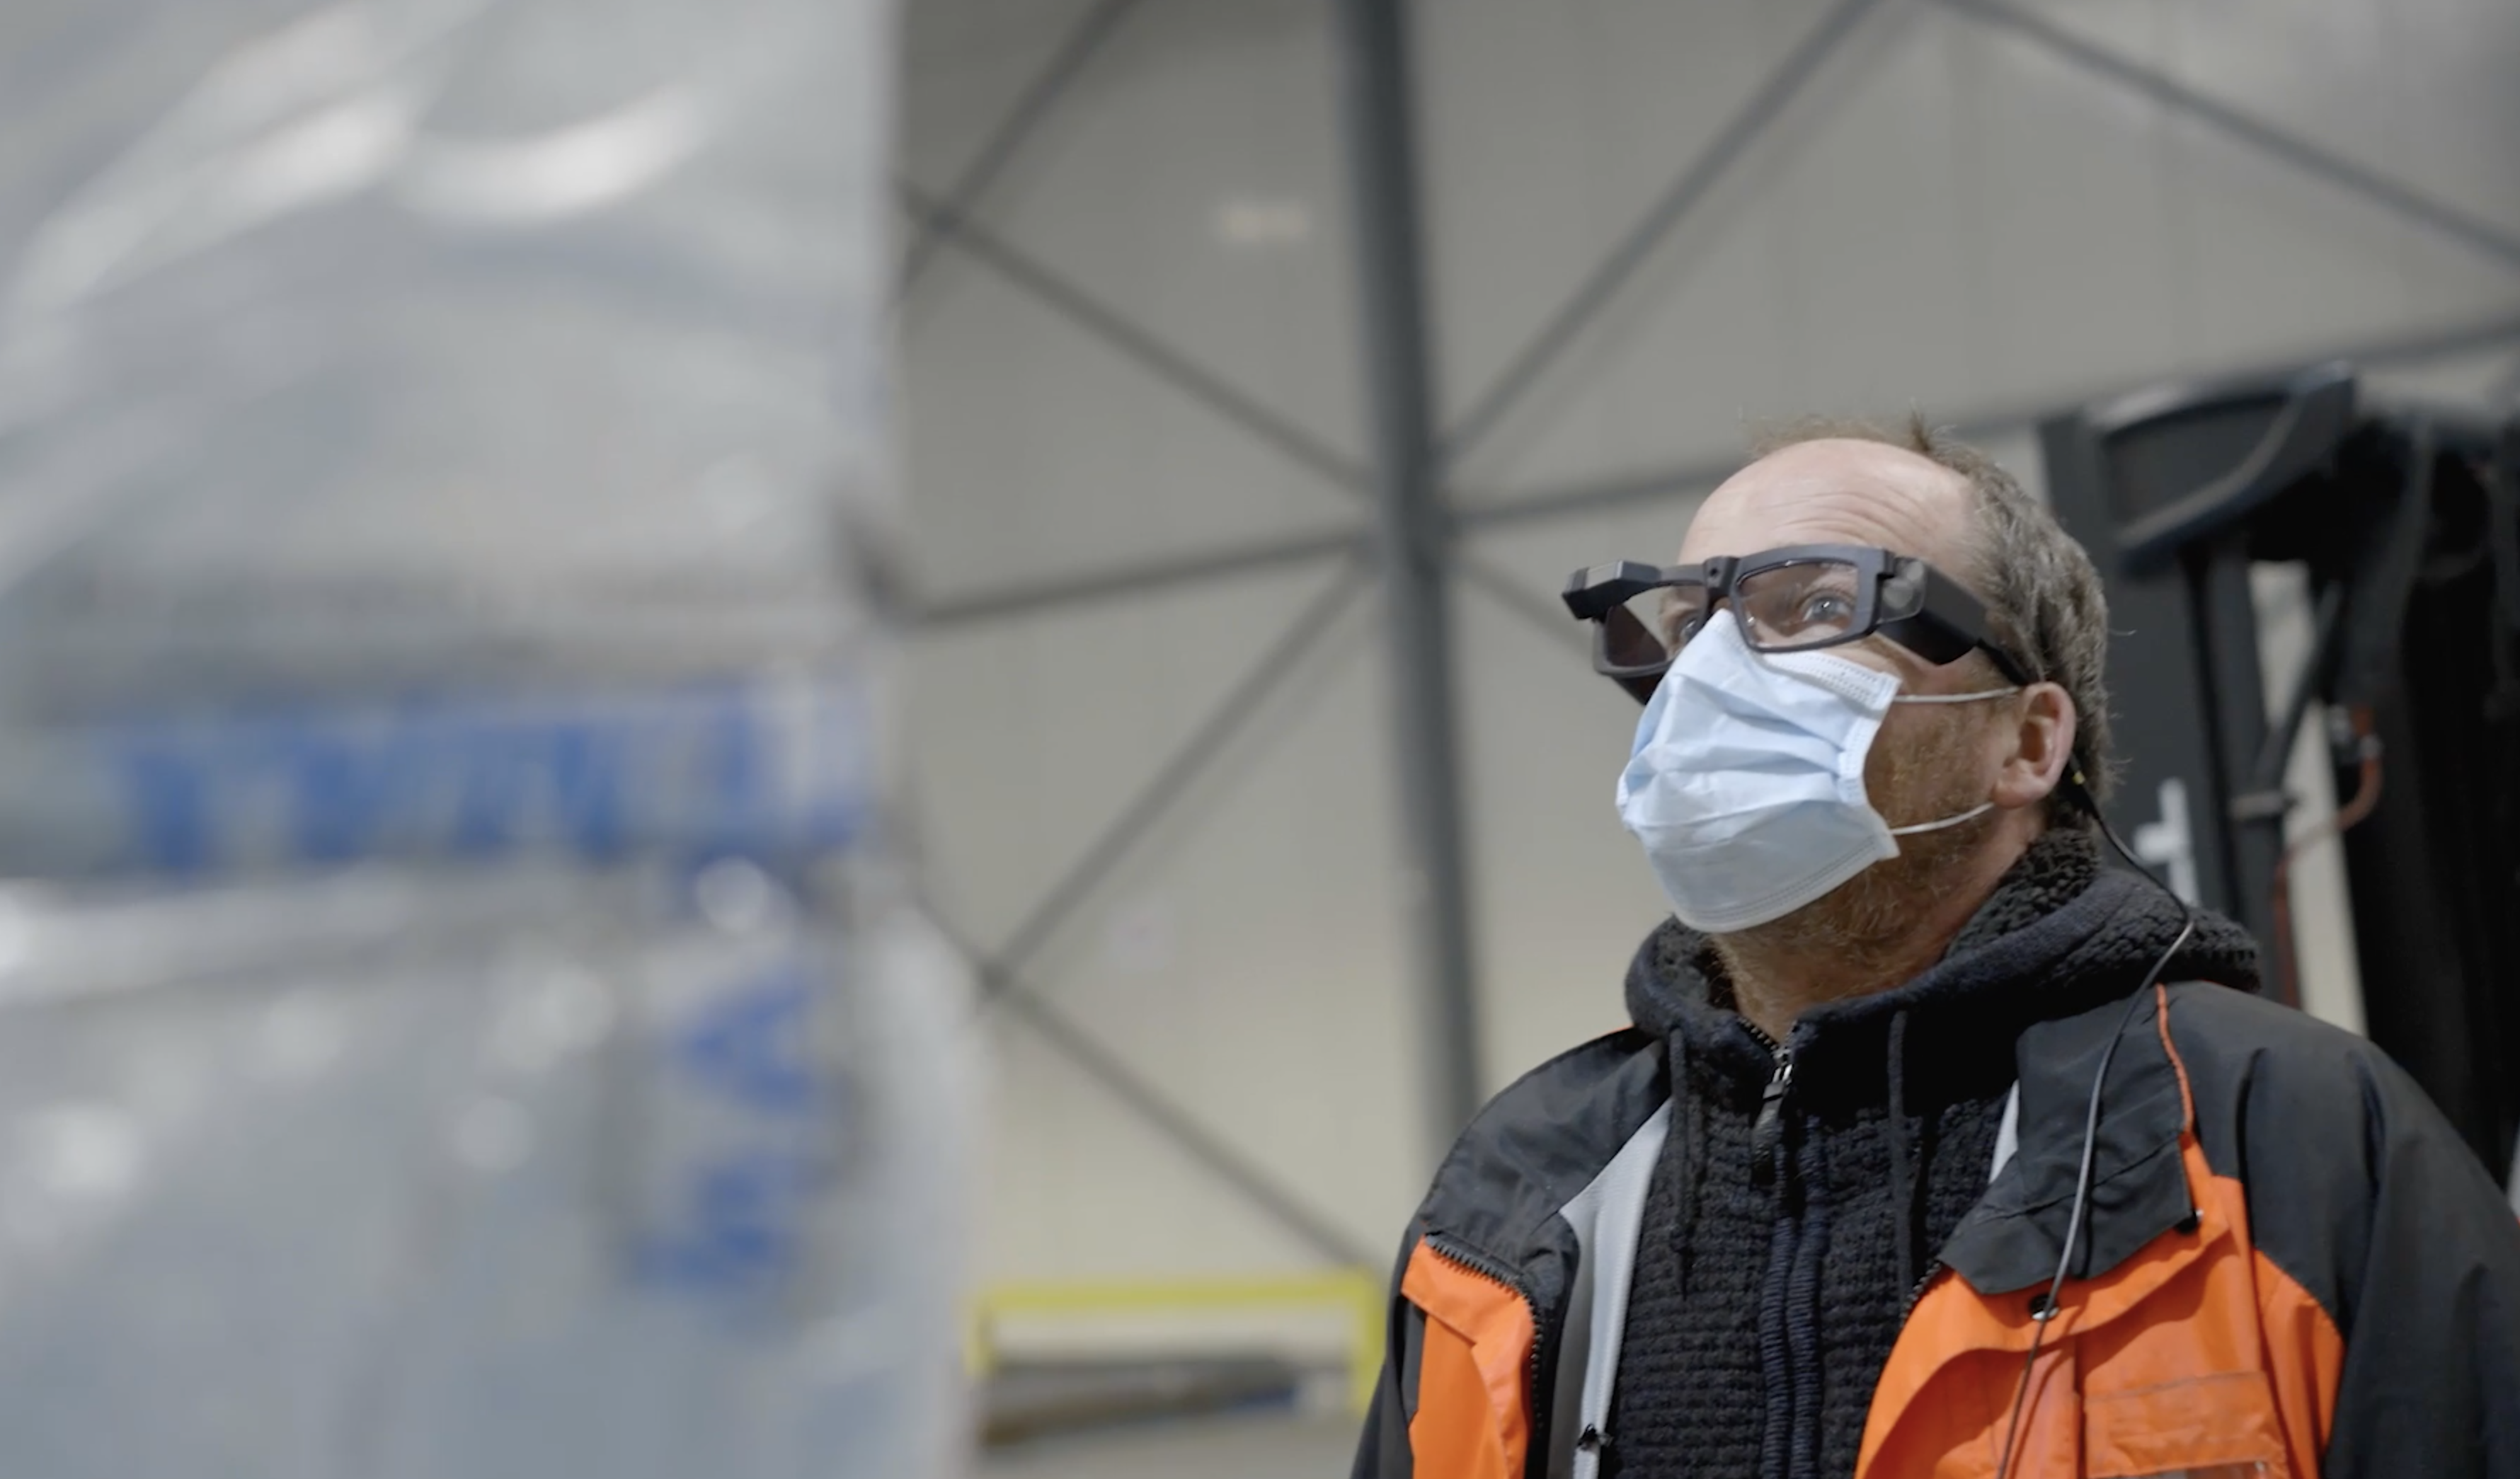 Aviapartner warehouse operator wearing Iristick smart glasses for cargo handling